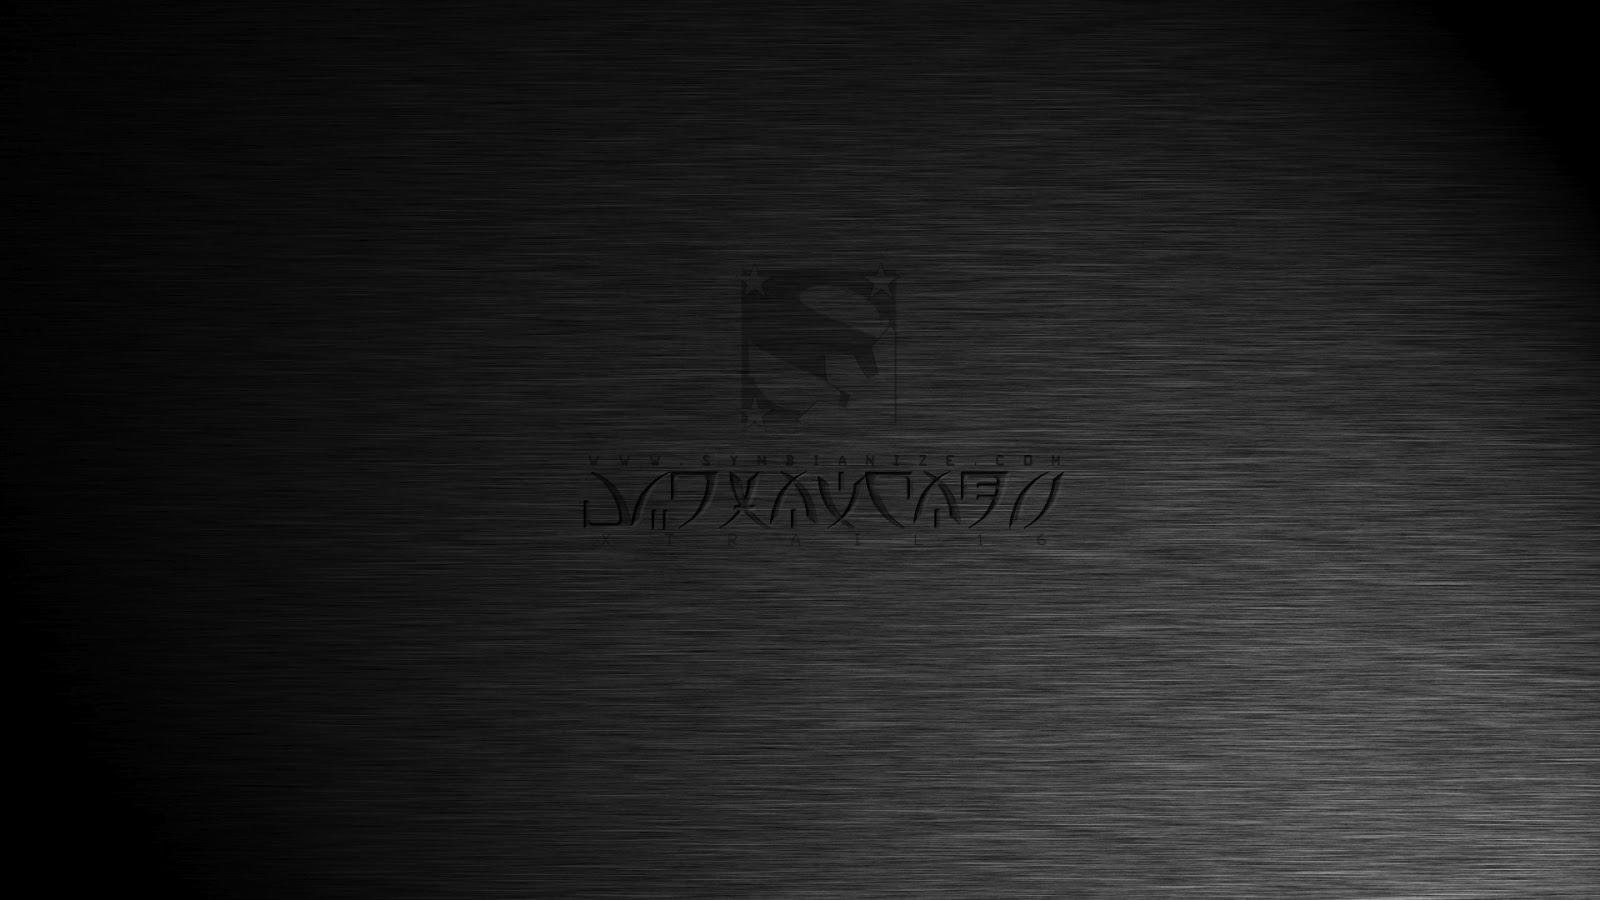 http://4.bp.blogspot.com/-1-zN17T-kfs/T_34PnEGmDI/AAAAAAAAAlI/L8LdoxZkDZ0/s1600/symb_metallic_black_wide.jpg